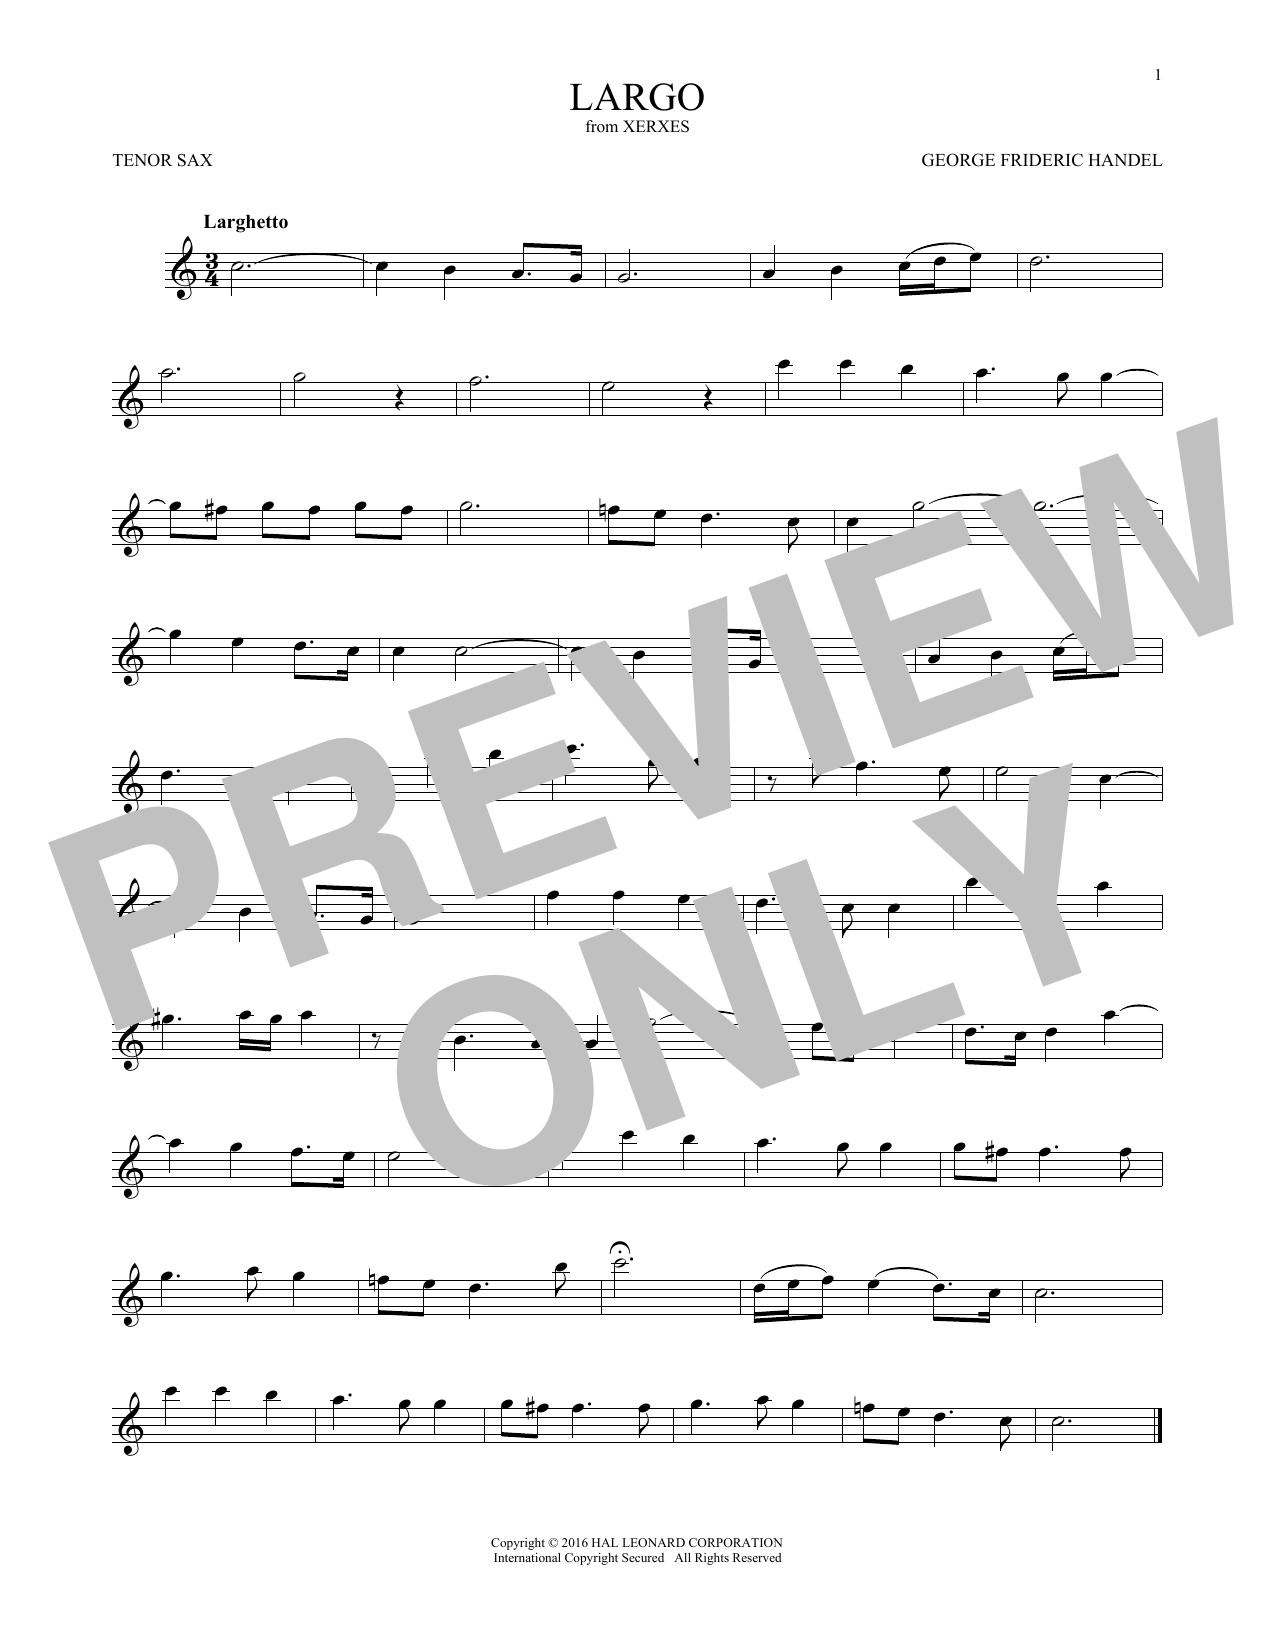 George Frideric Handel: Largo